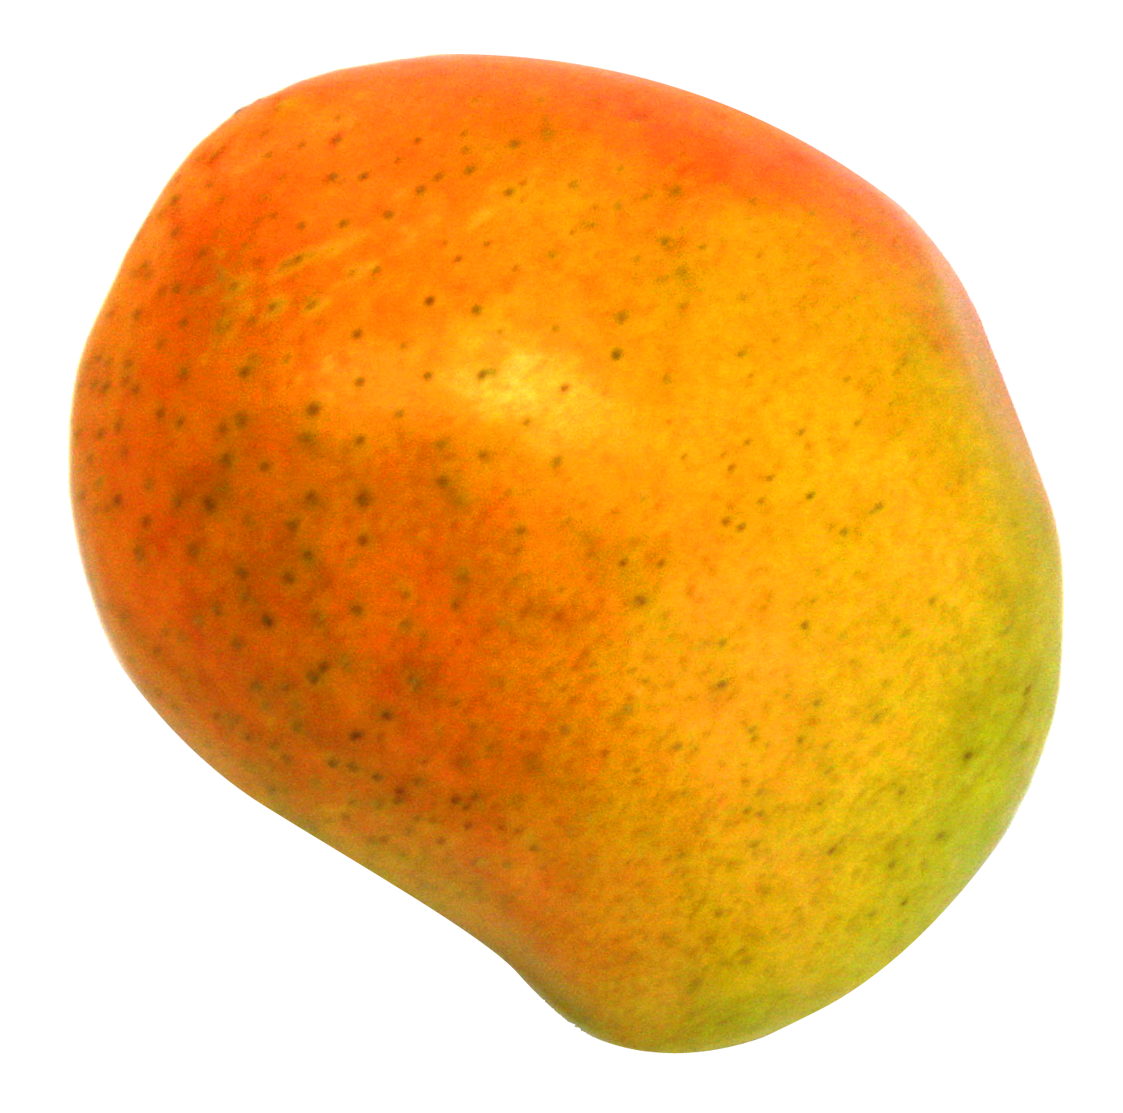 Mango PNG Image